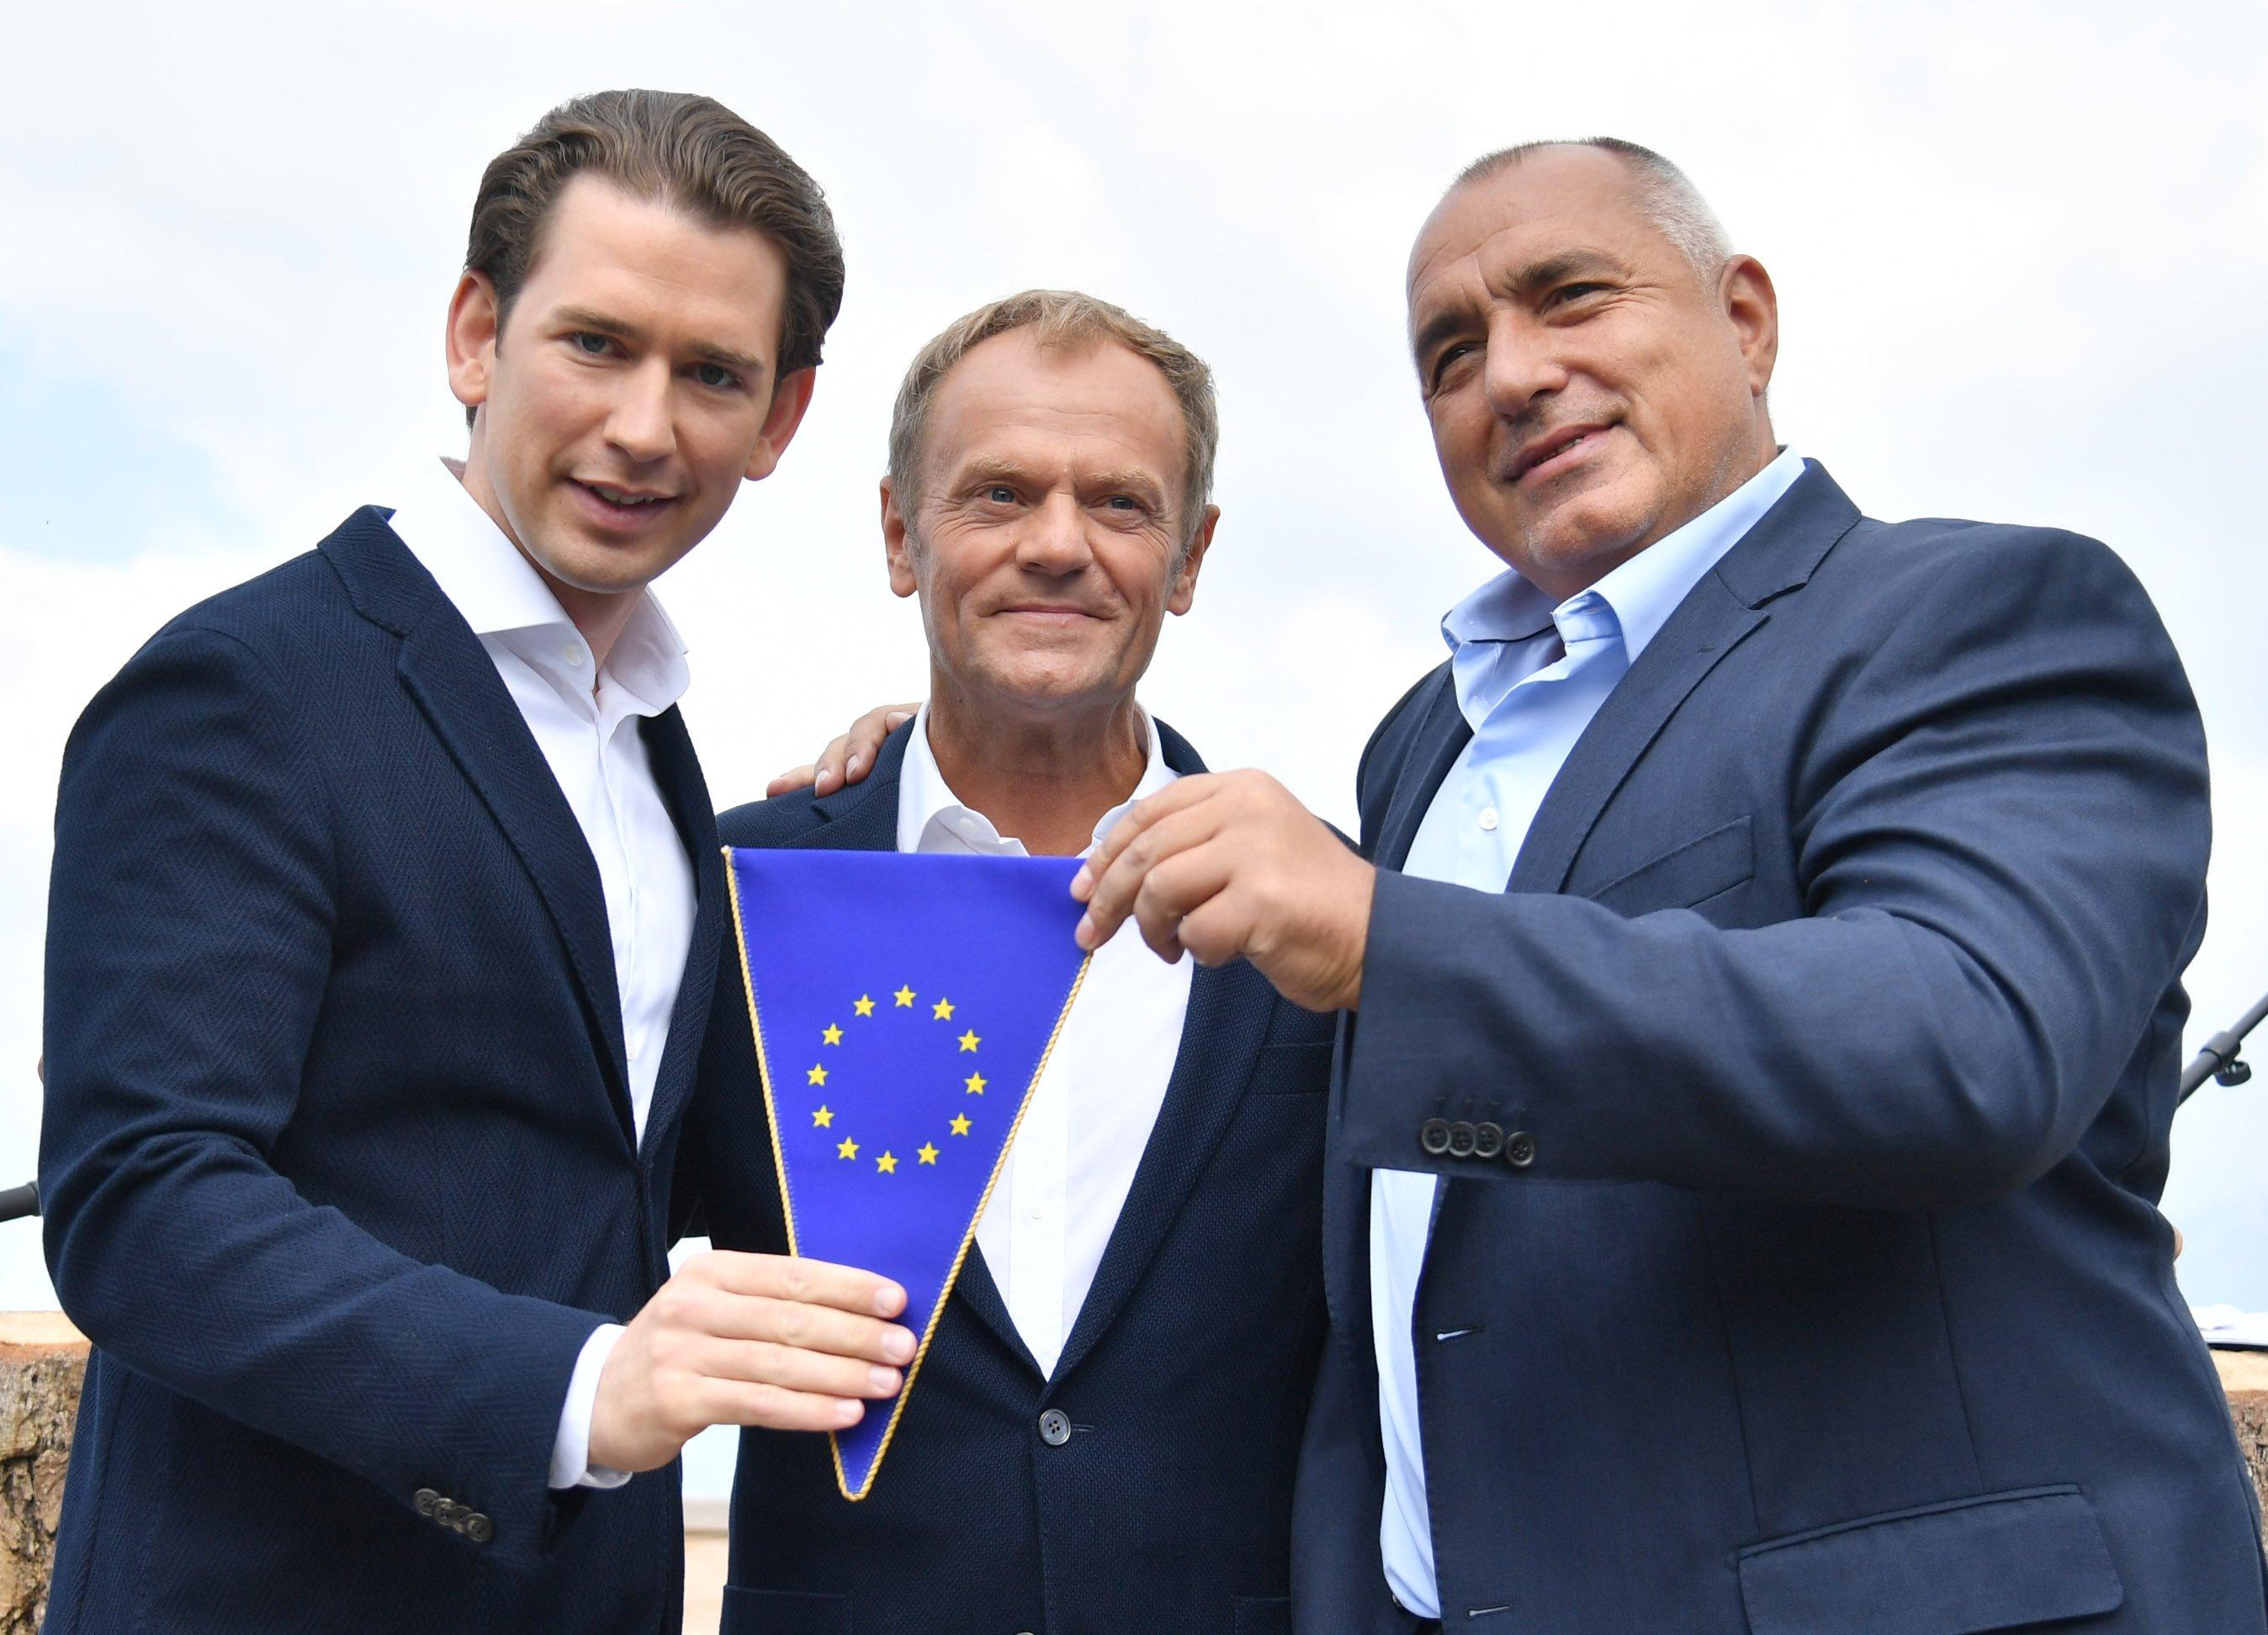 Rakousko se ujímá předsednictví v Radě unijních států (Sebastian Kurz, Donald Tusk a Bojko Borisov)